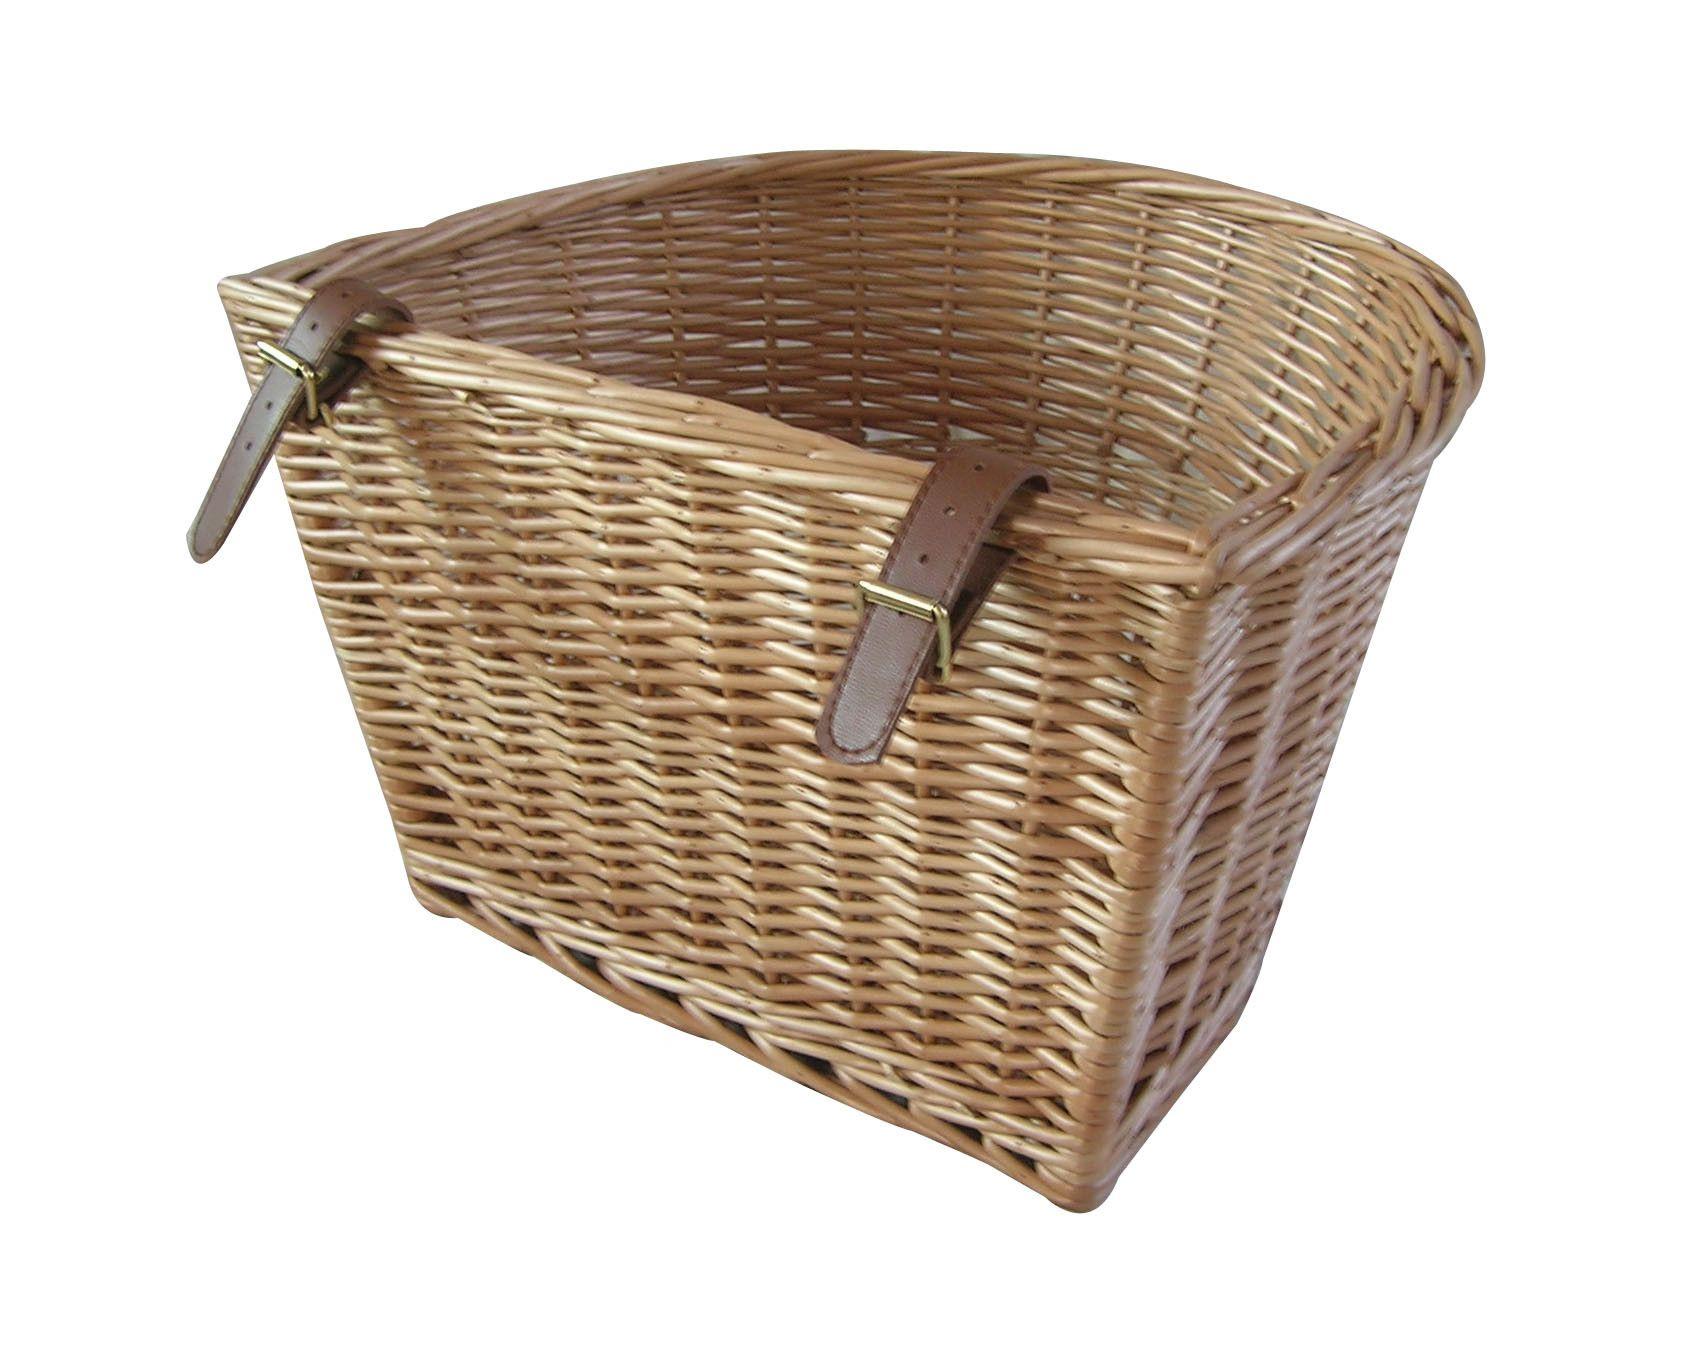 Wicker Valley Willow Bicycle Basket | Cestas para la bici ...